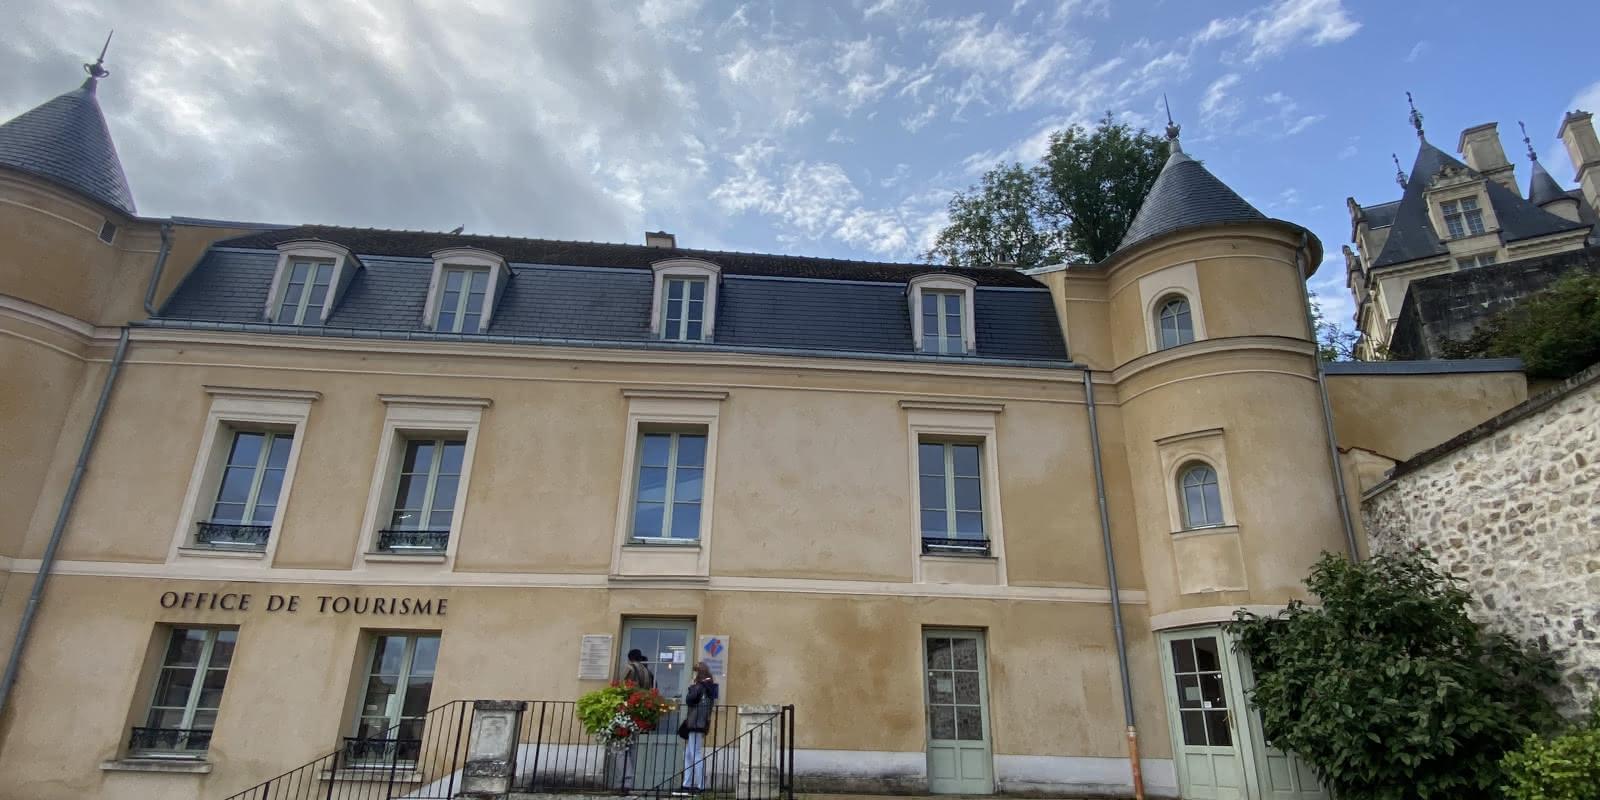 façade du manoir des tourelles, office de tourisme d'Ecouen avec aperçu du chateau